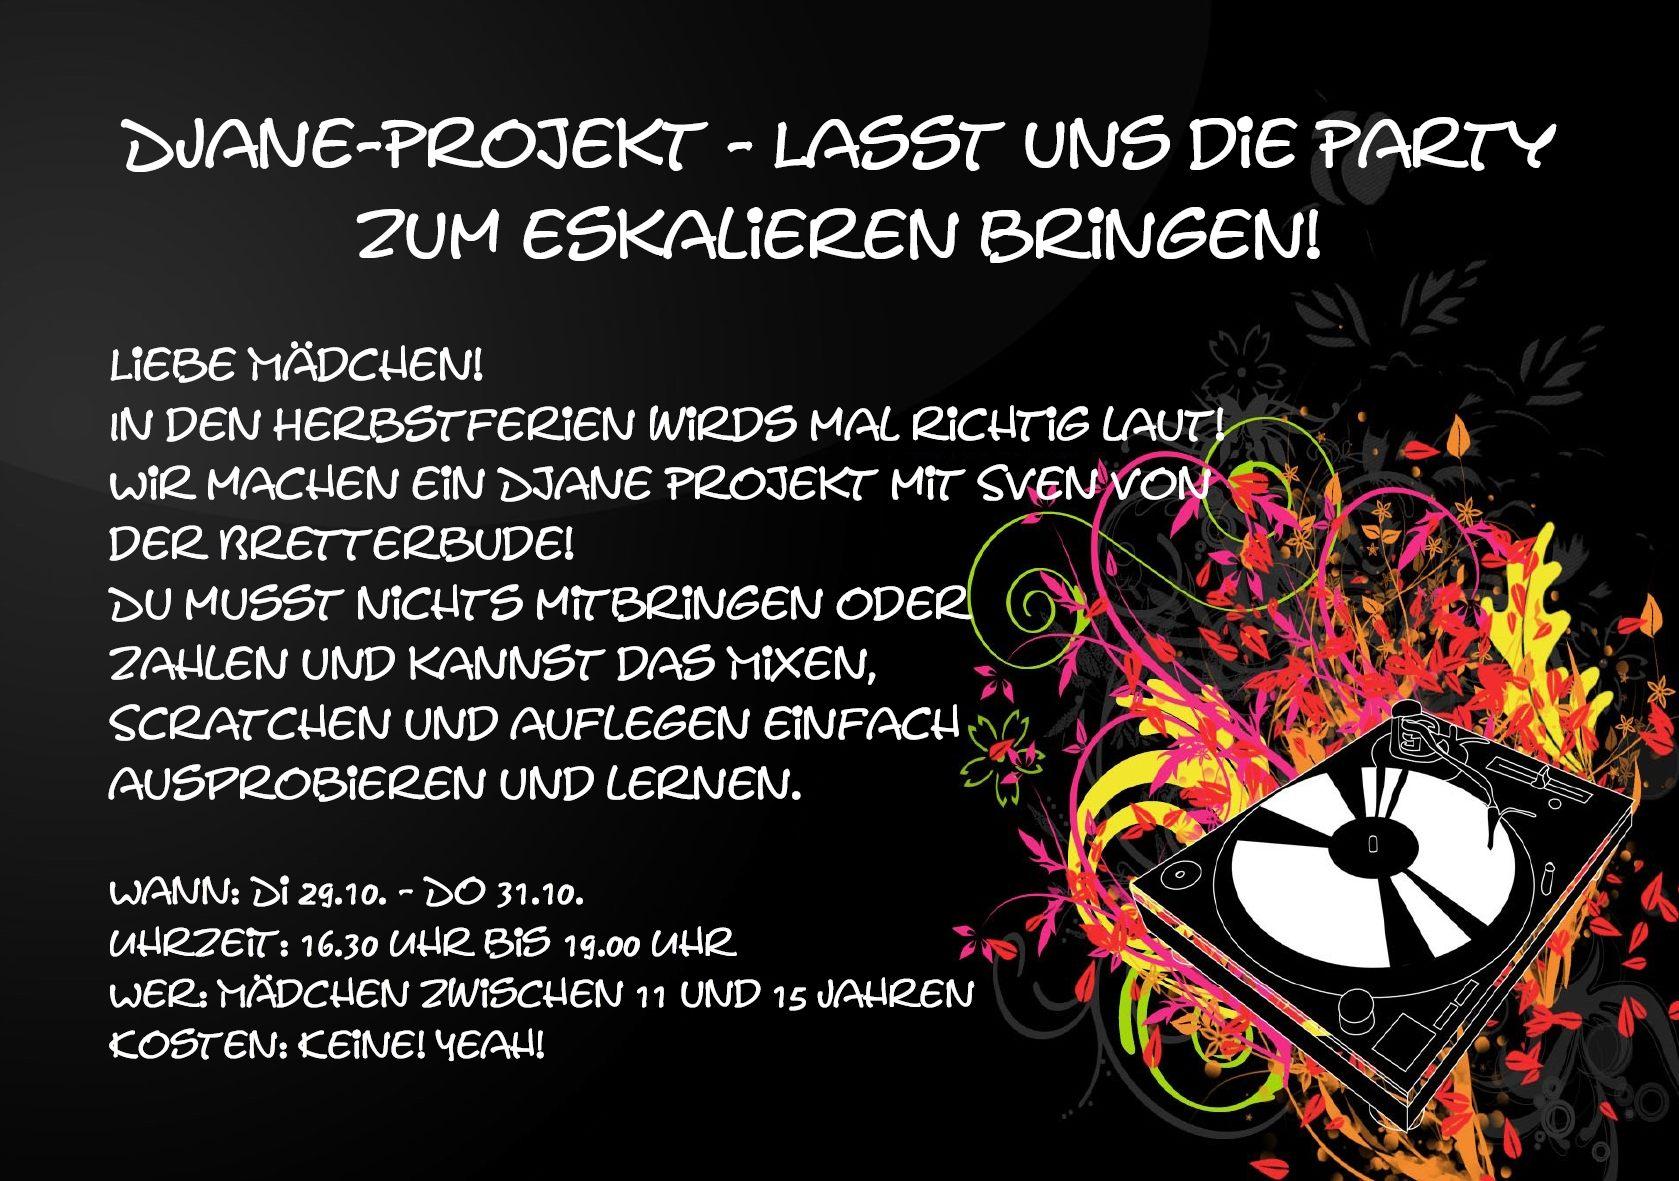 DJane Projekt 2019